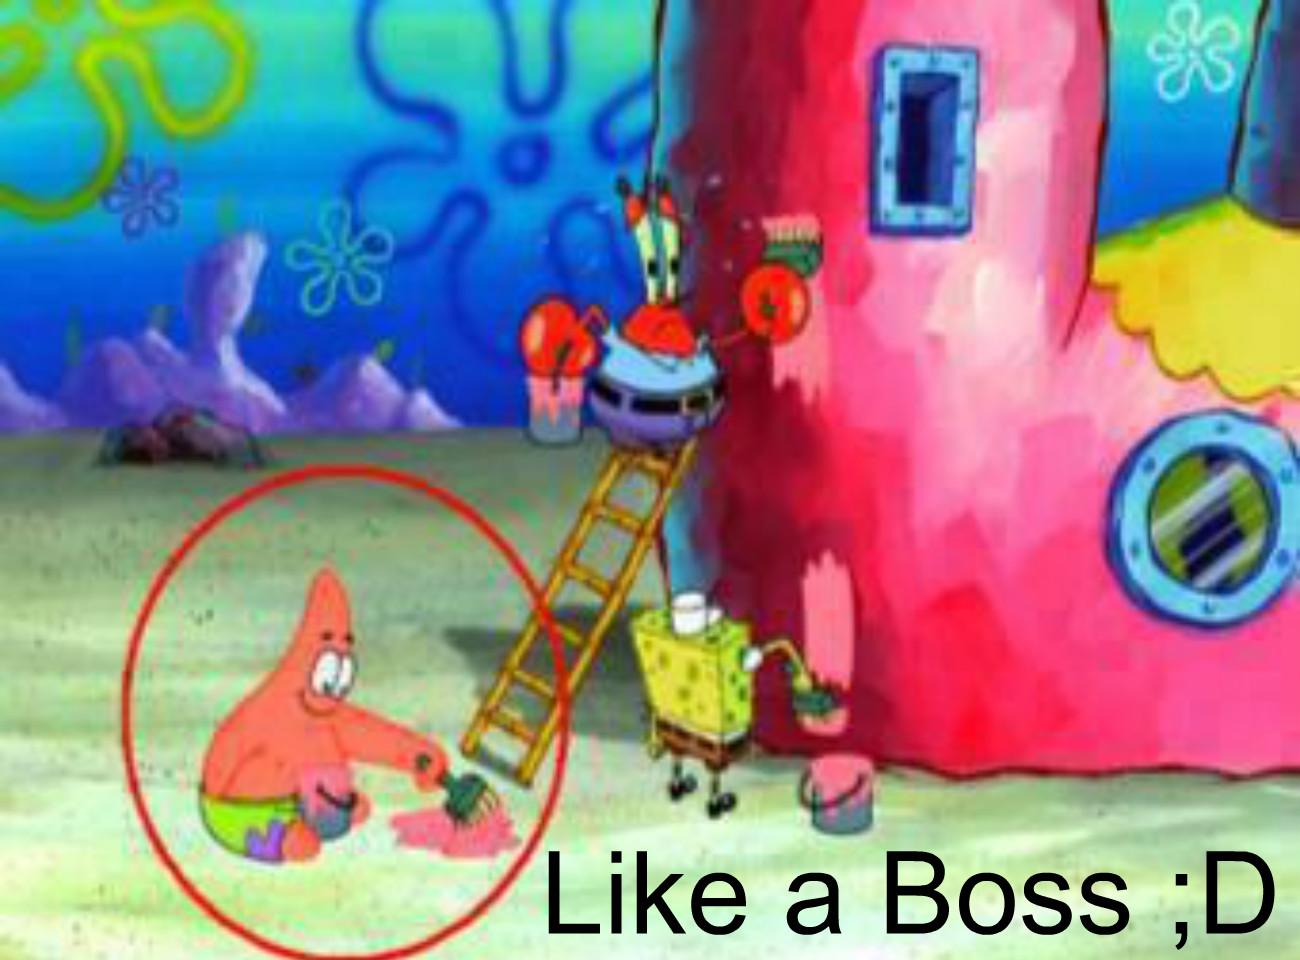 Funny Patrick Star Wallpaper on Spongebob Wallpaper